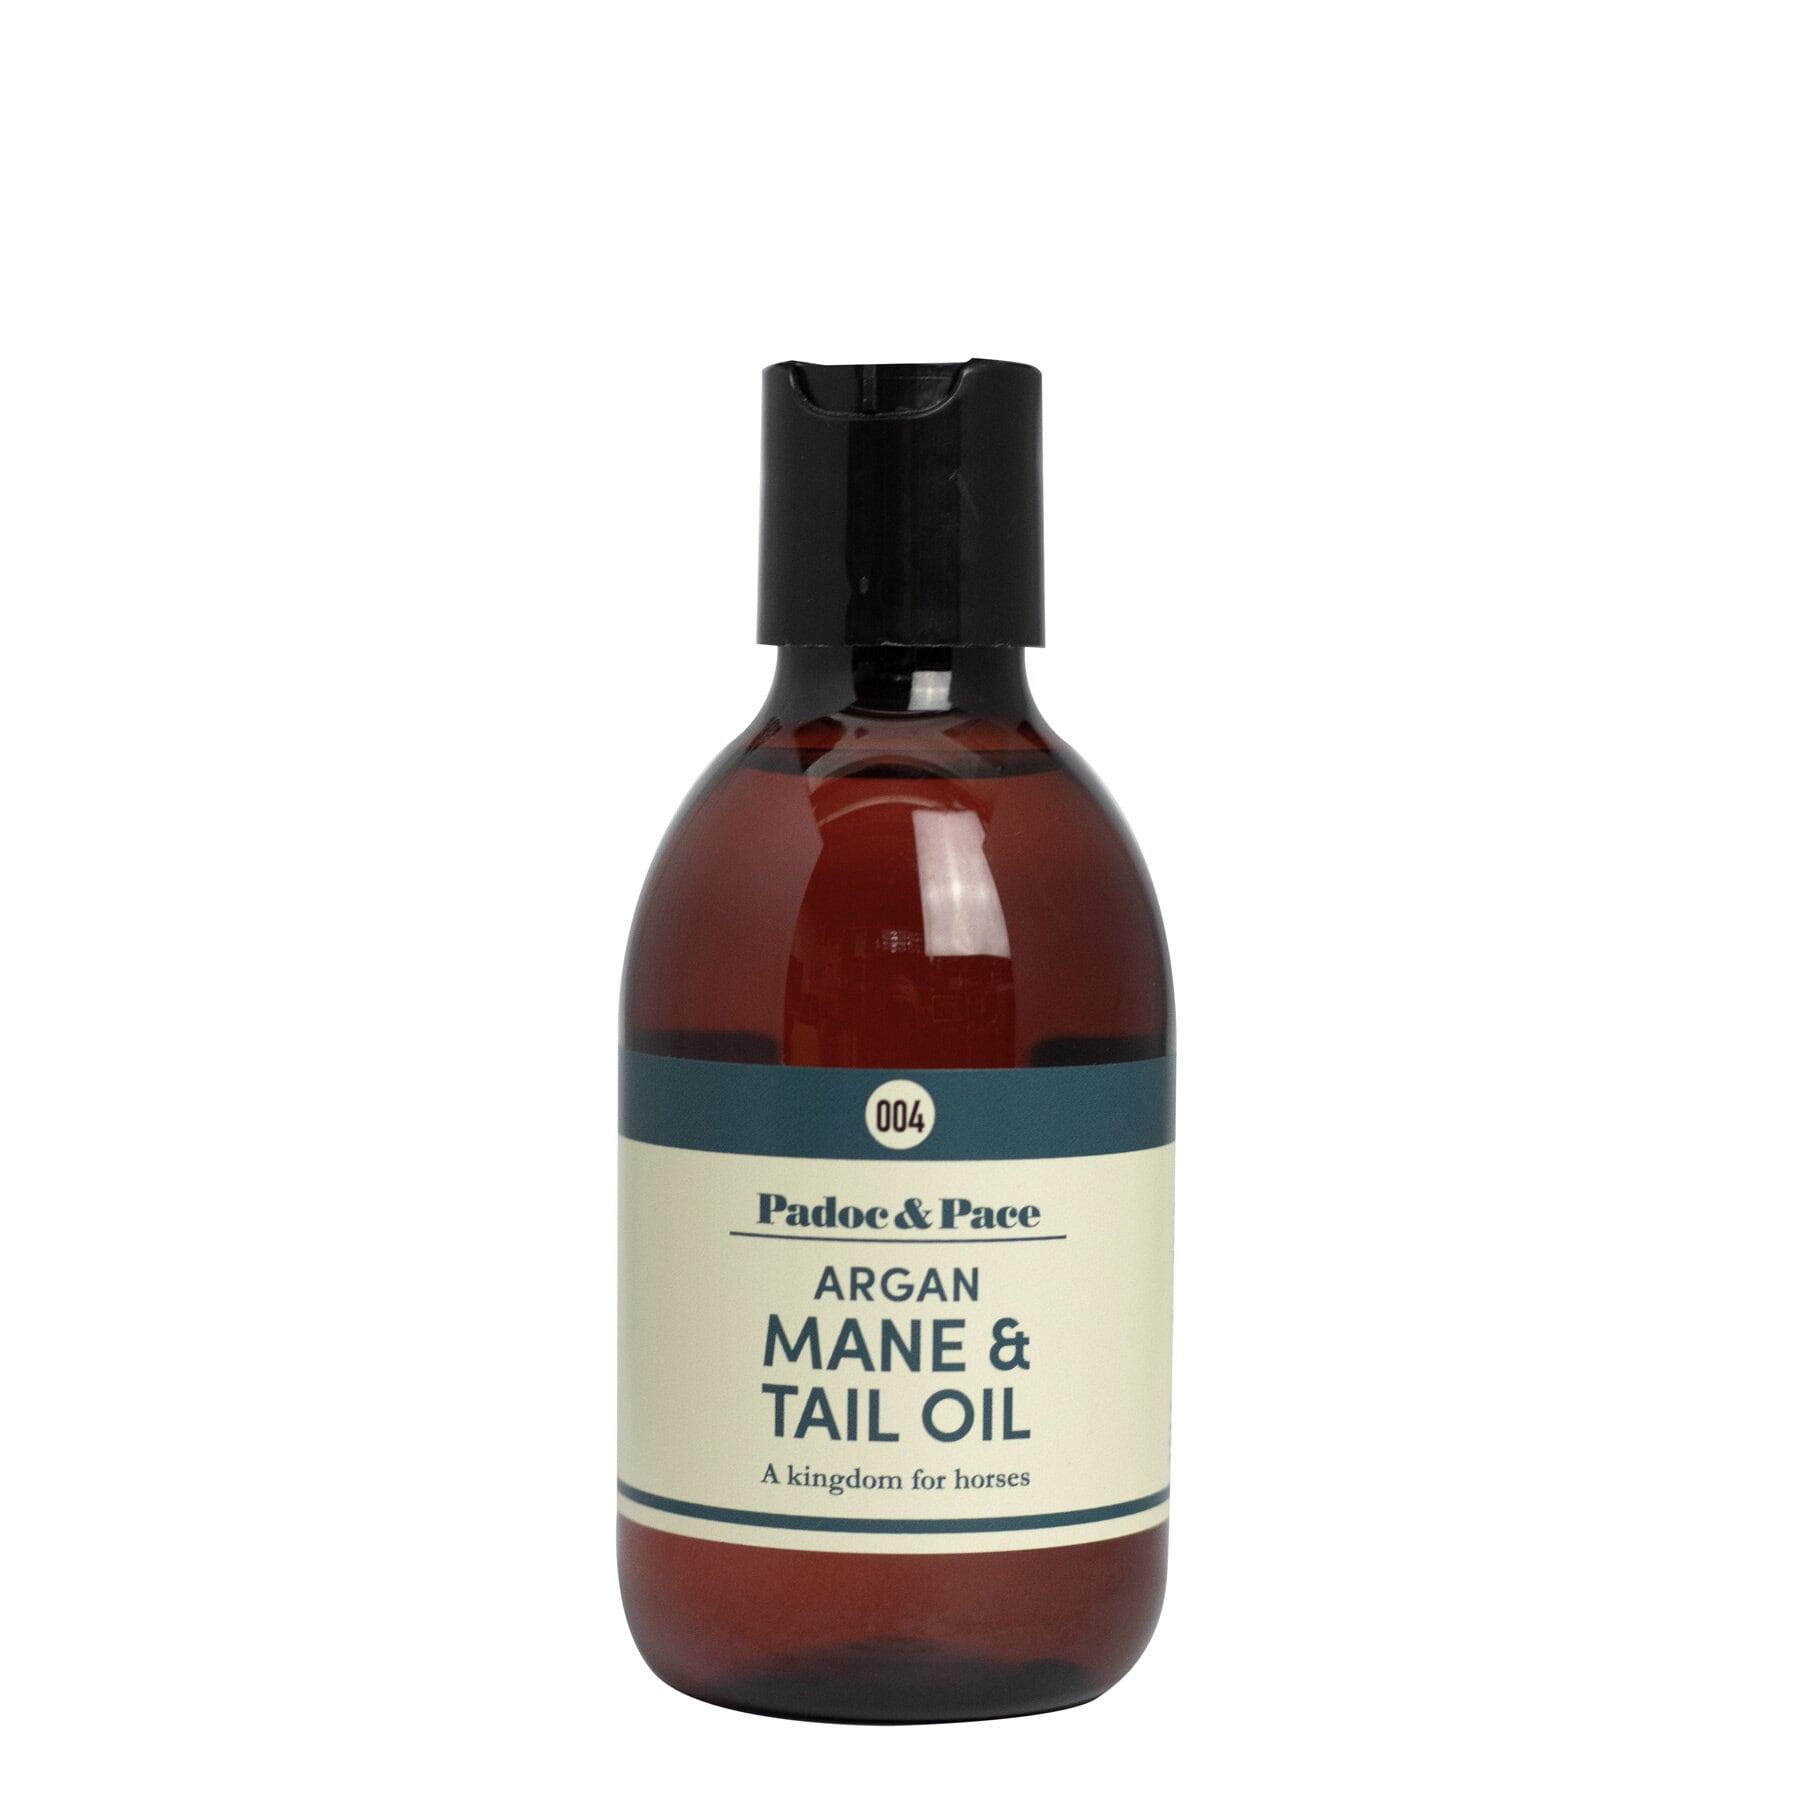 Argan Mane & Tail Oil 120 ml